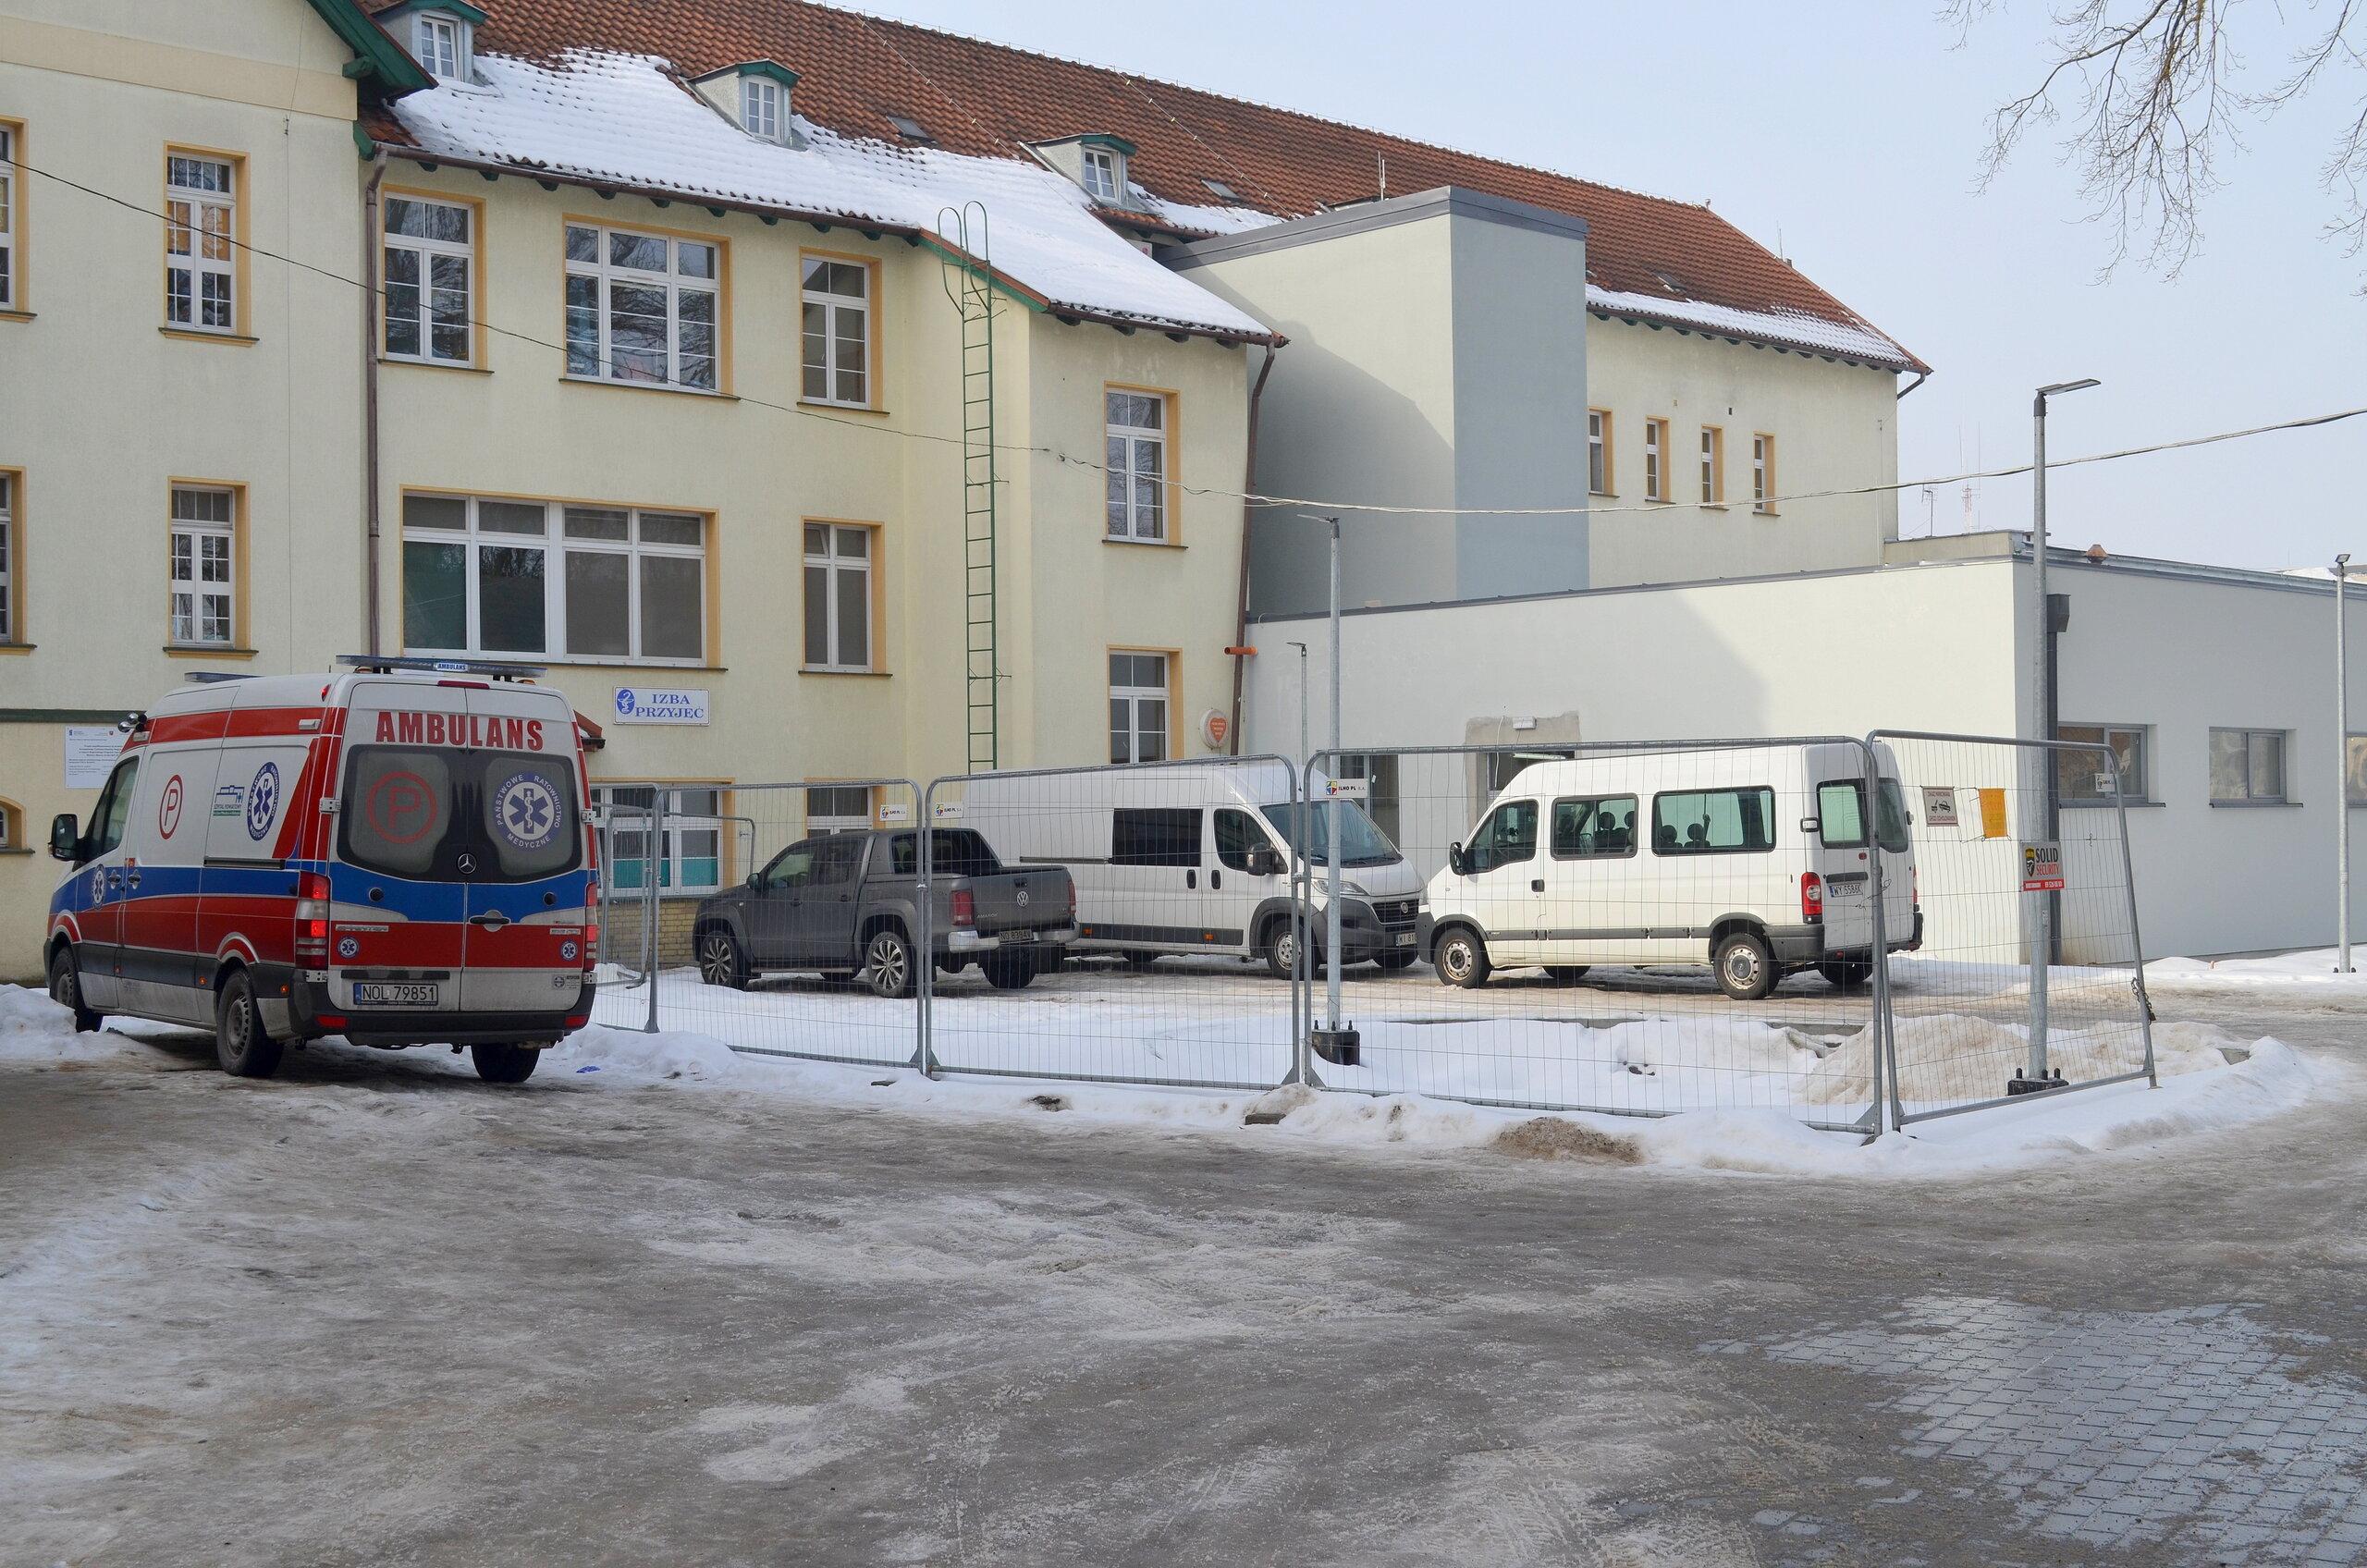 https://i.powiatszczycienski.pl/00/00/73/73/f/6-picture605852527fced.jpg